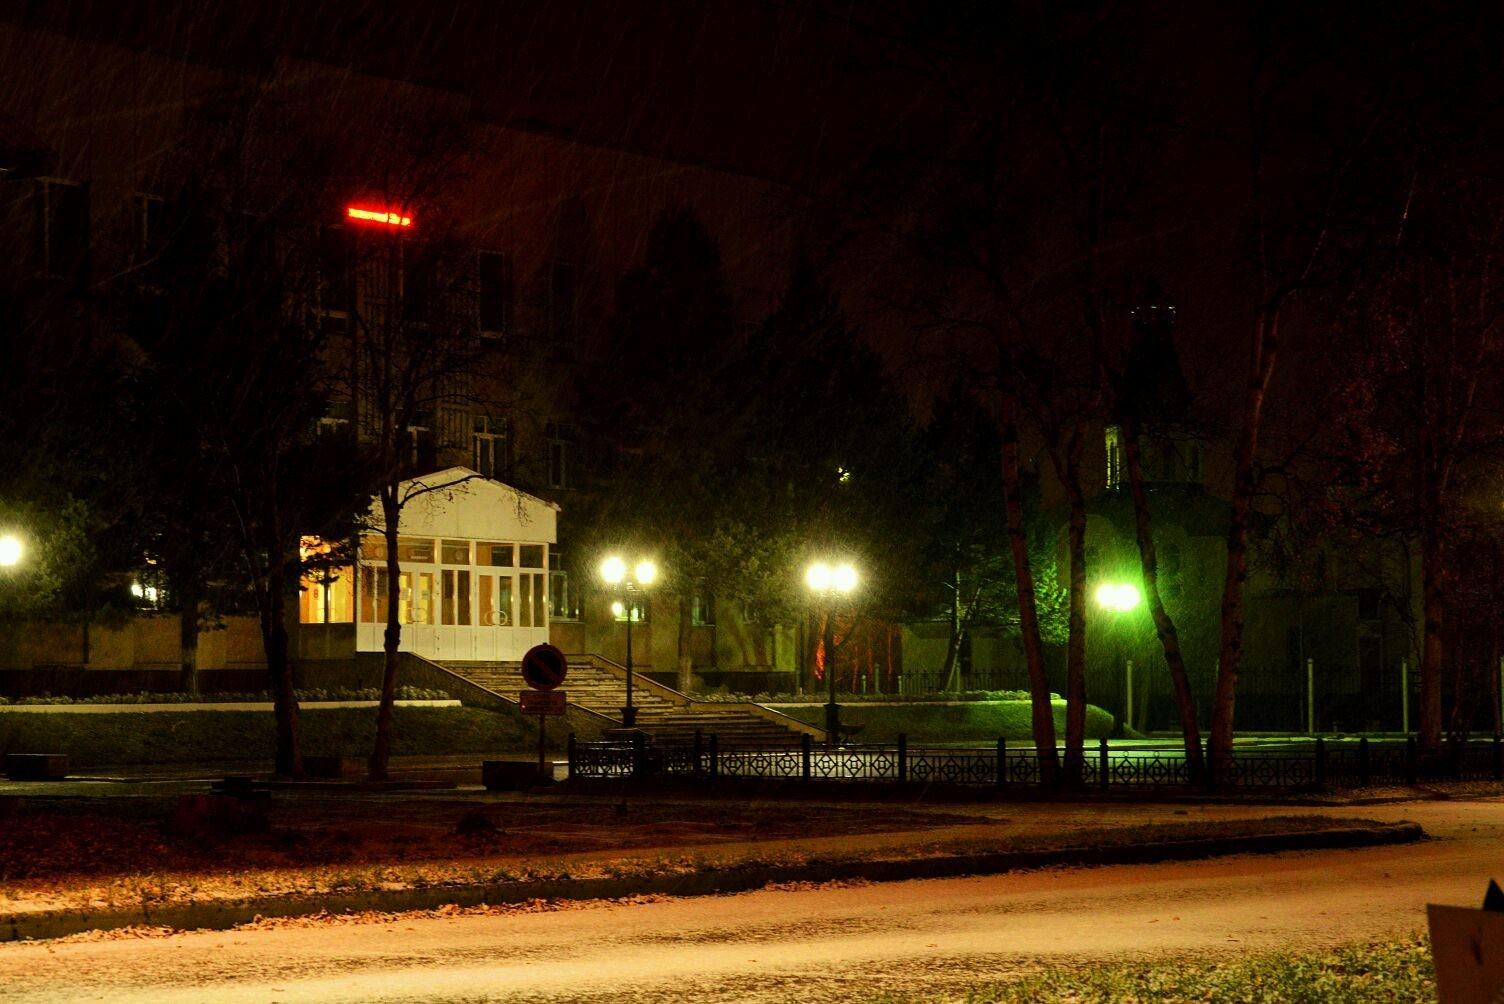 КЕС: Ночь. Центр.